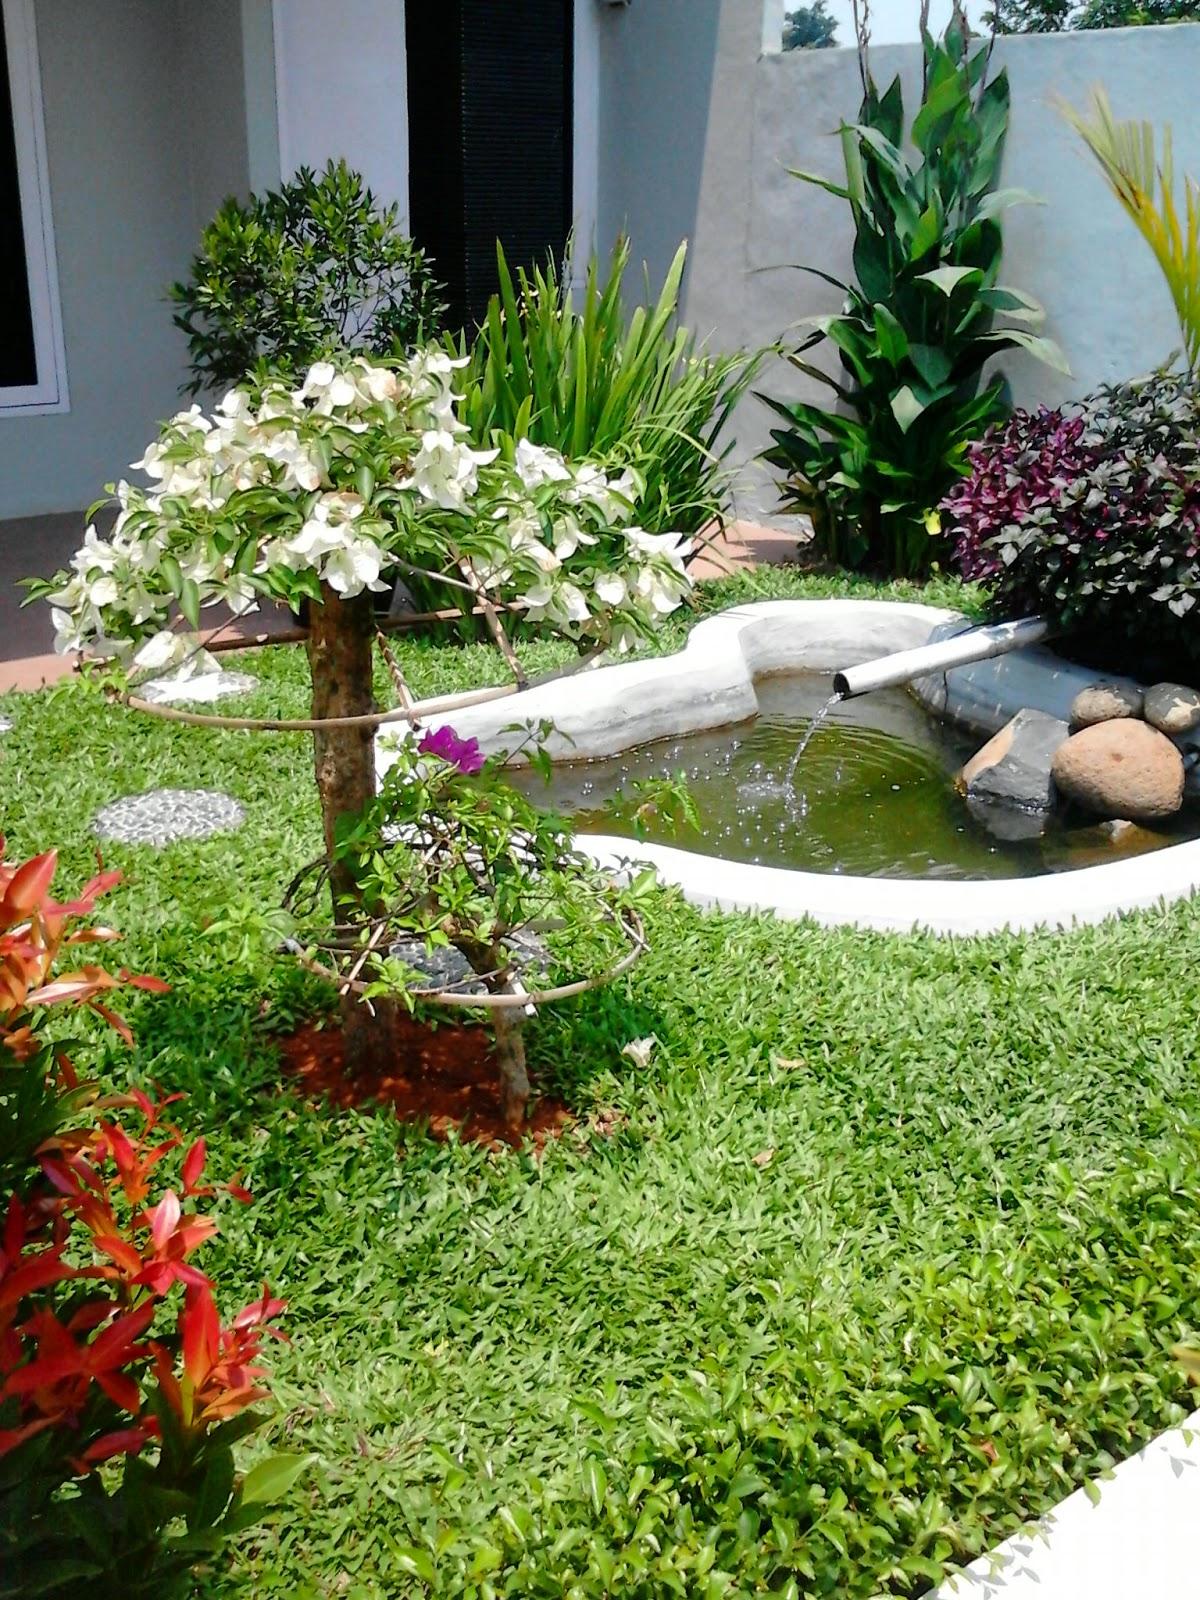 Jasa pembuatan taman | taman tumput | taman kering | taman vertikal | taman leandscape | taman indoor dan out door